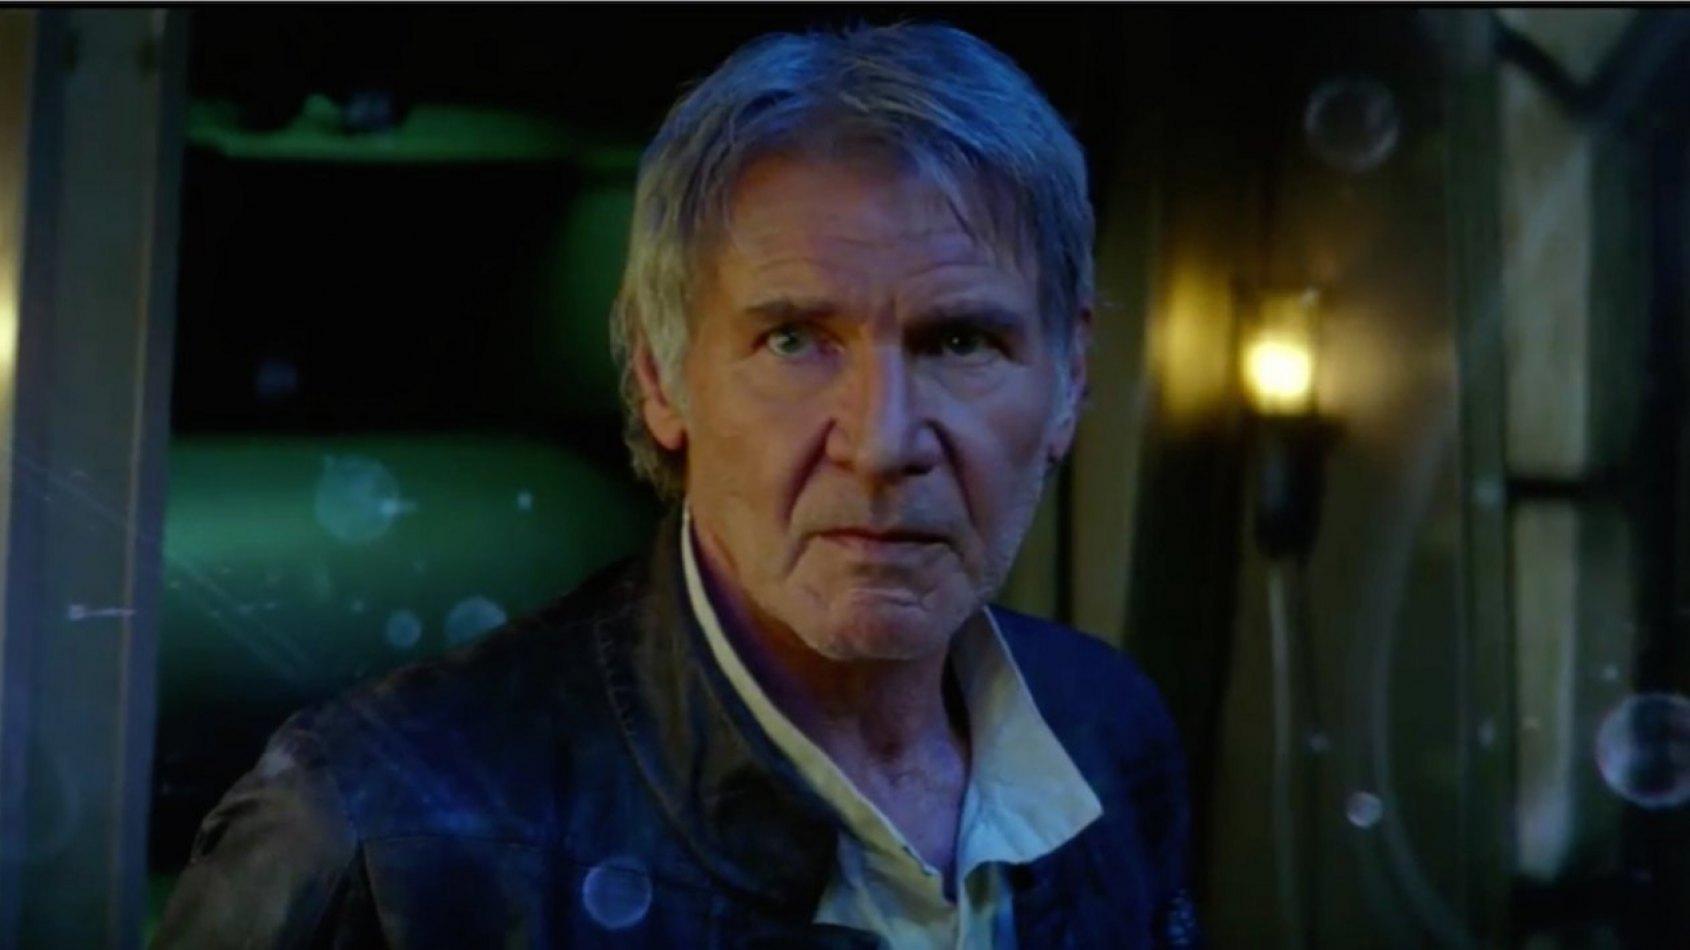 La réaction d'Harrison Ford sur le destin de Han Solo